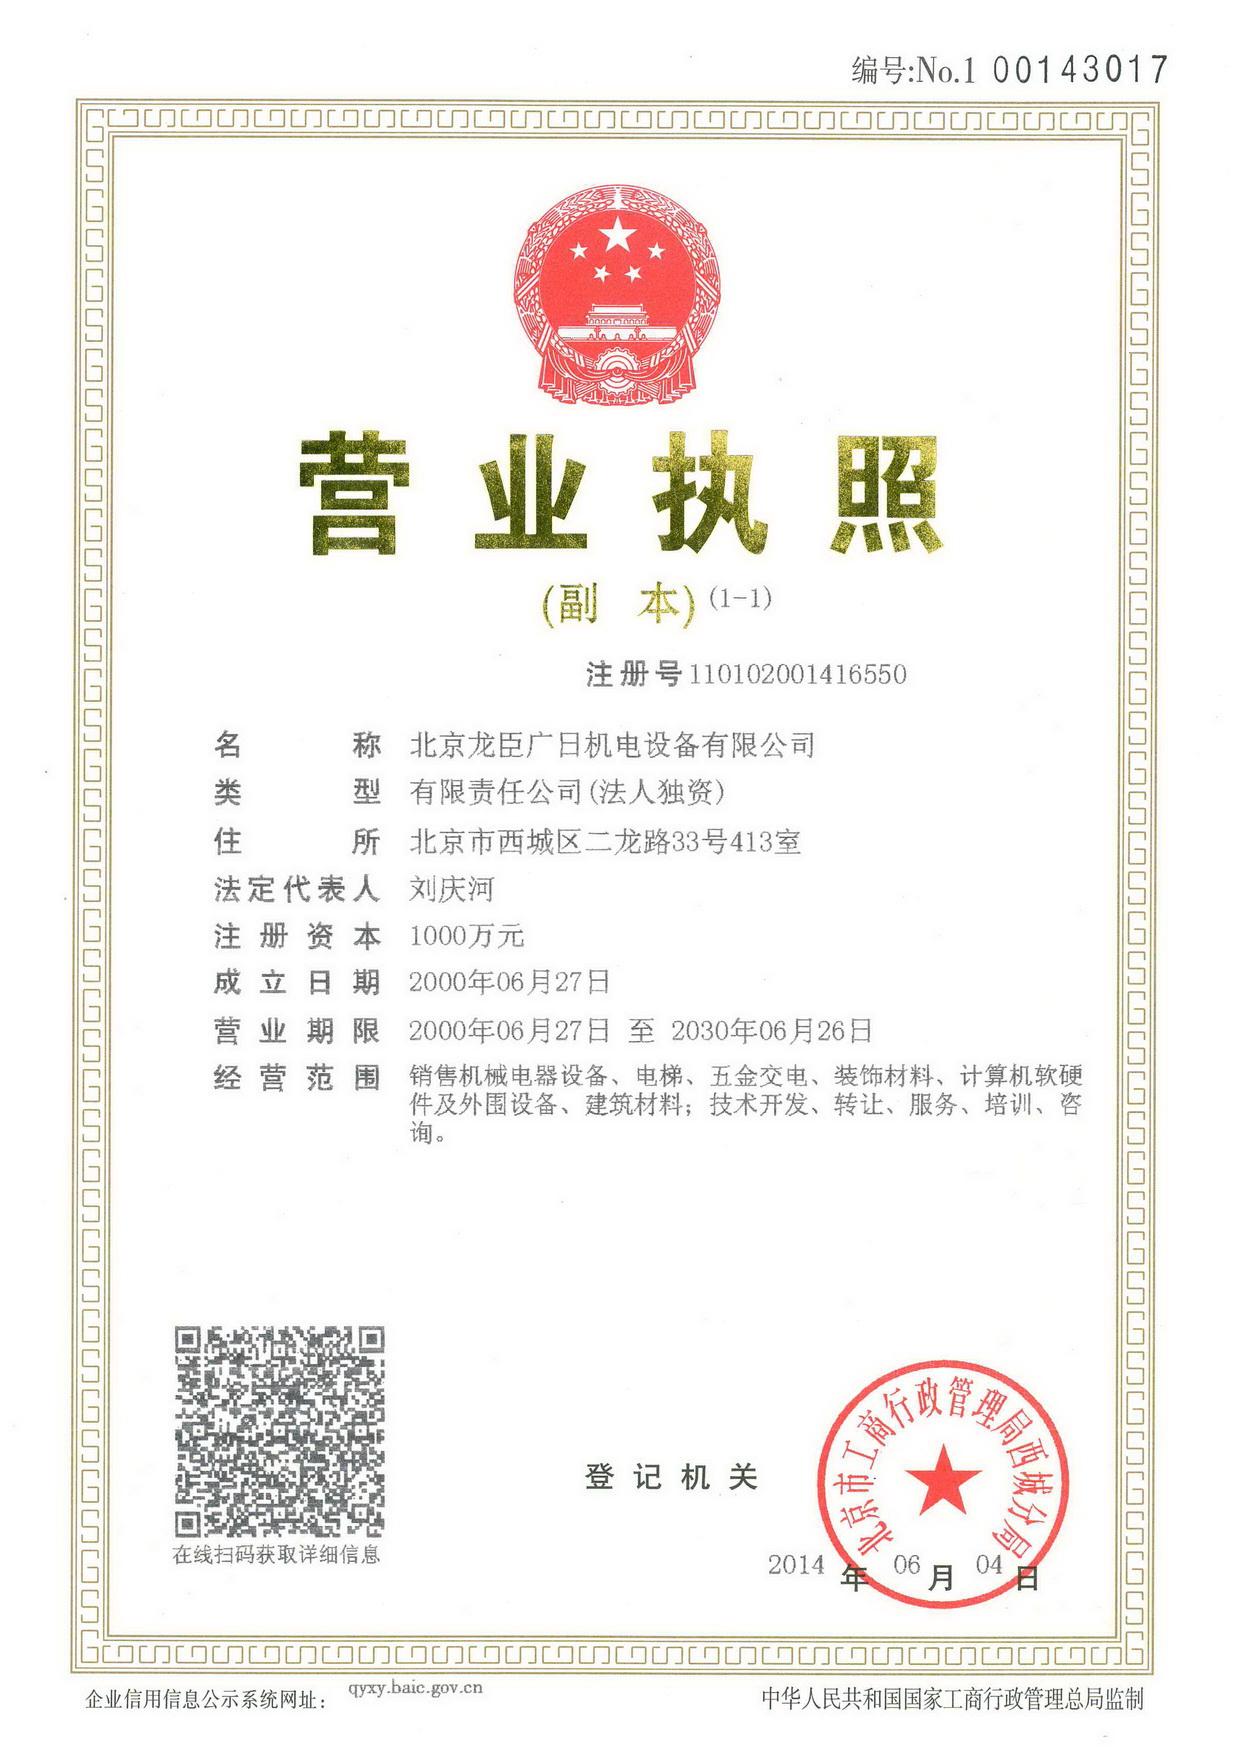 龙臣广日电梯营业执照